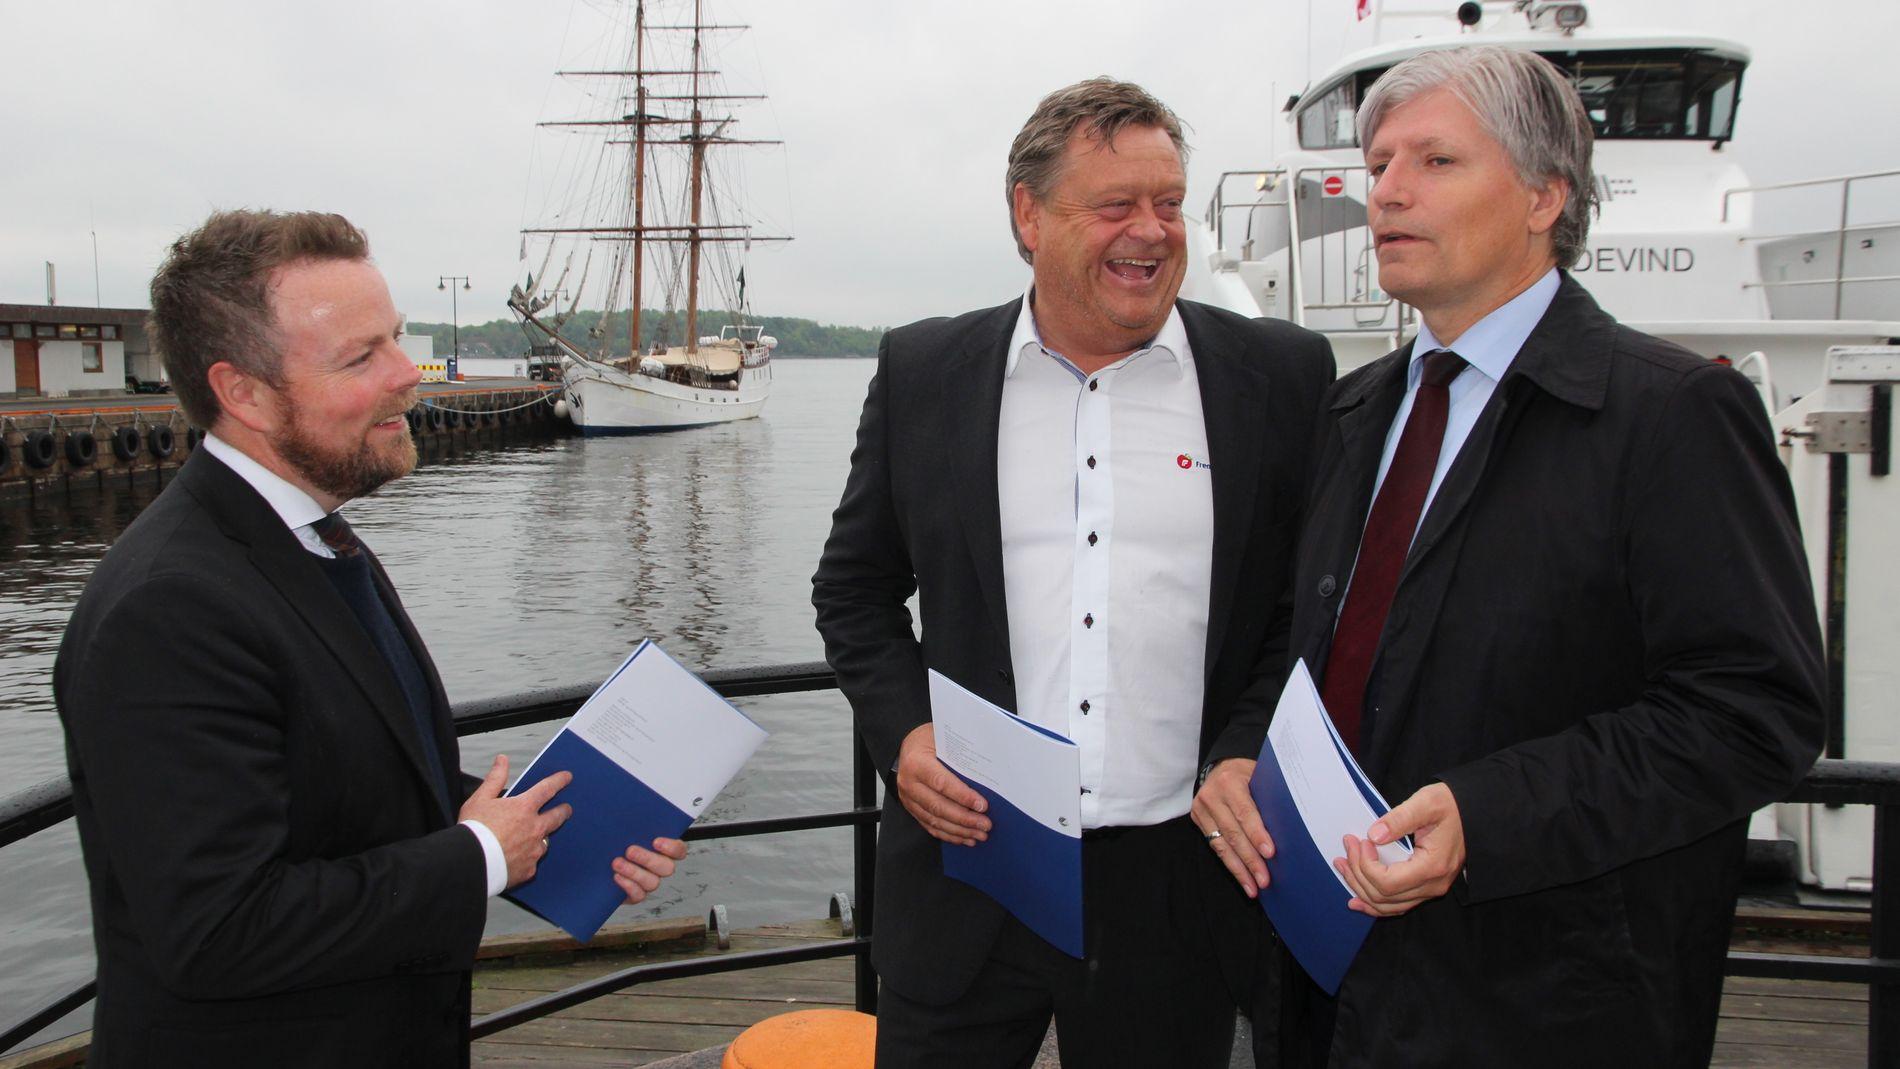 Fra venstre: Næringsminister Torbjørn Røe Isaksen (H), fiskeriminister Harald T. Nesvik (Frp) og klima- og miljøminister Ola Elvestuen (V)